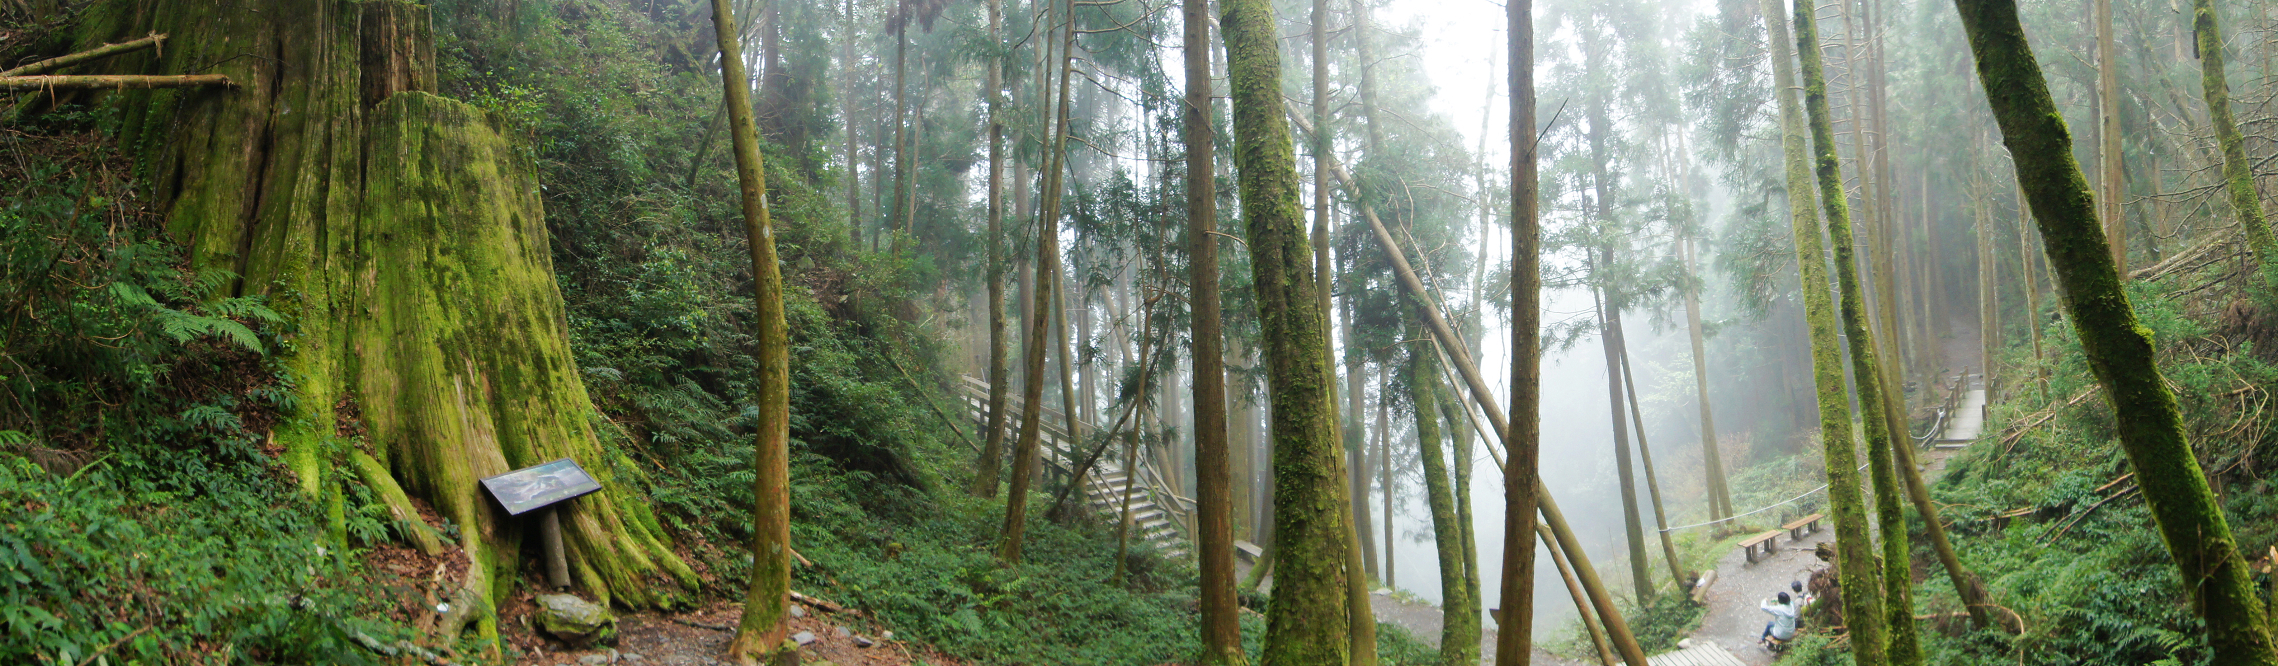 觀霧巨木步道-076